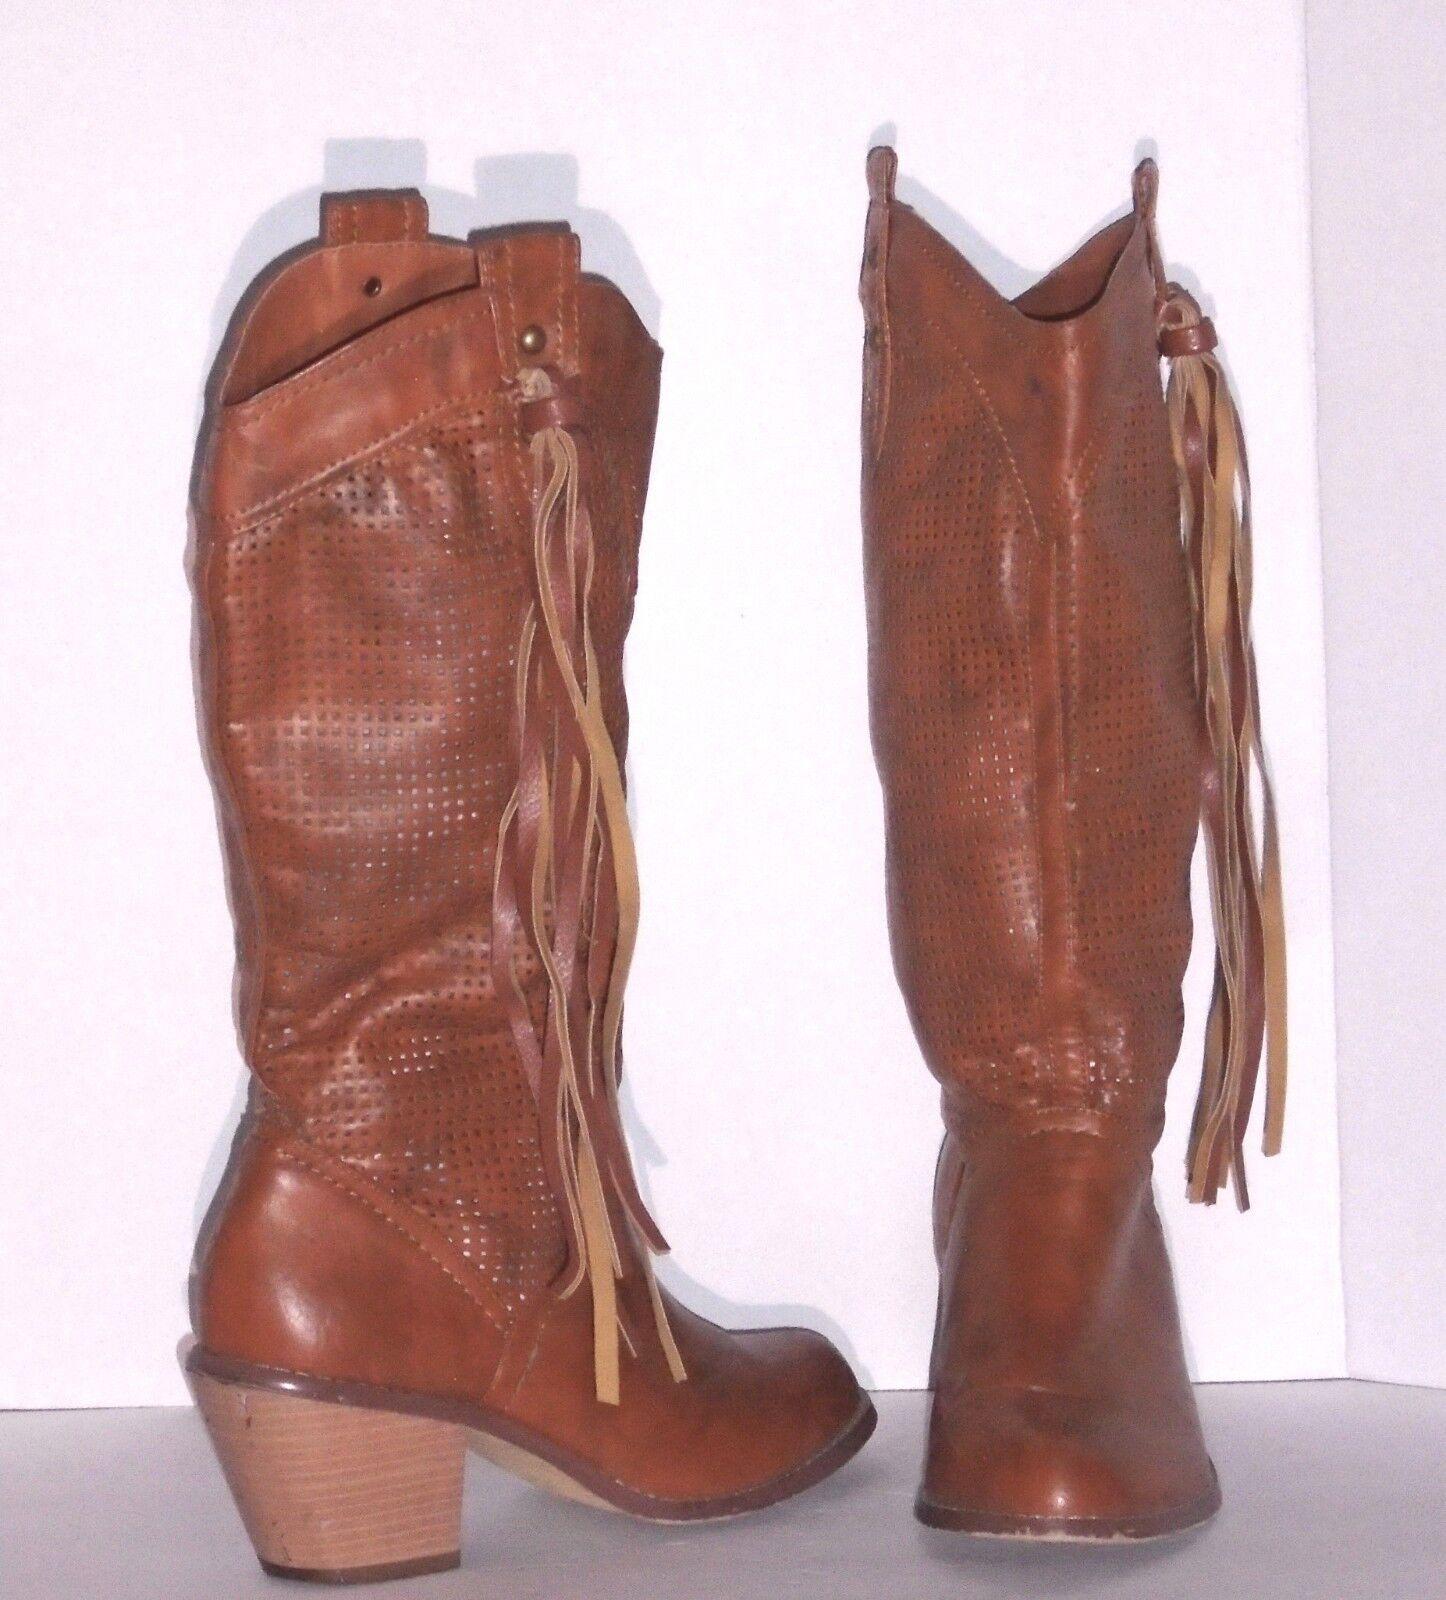 botas de Moda Occidental – – – Latisha 13 – Tamaño de Cuero Textil Castaña – 9 – Exc  aquí tiene la última